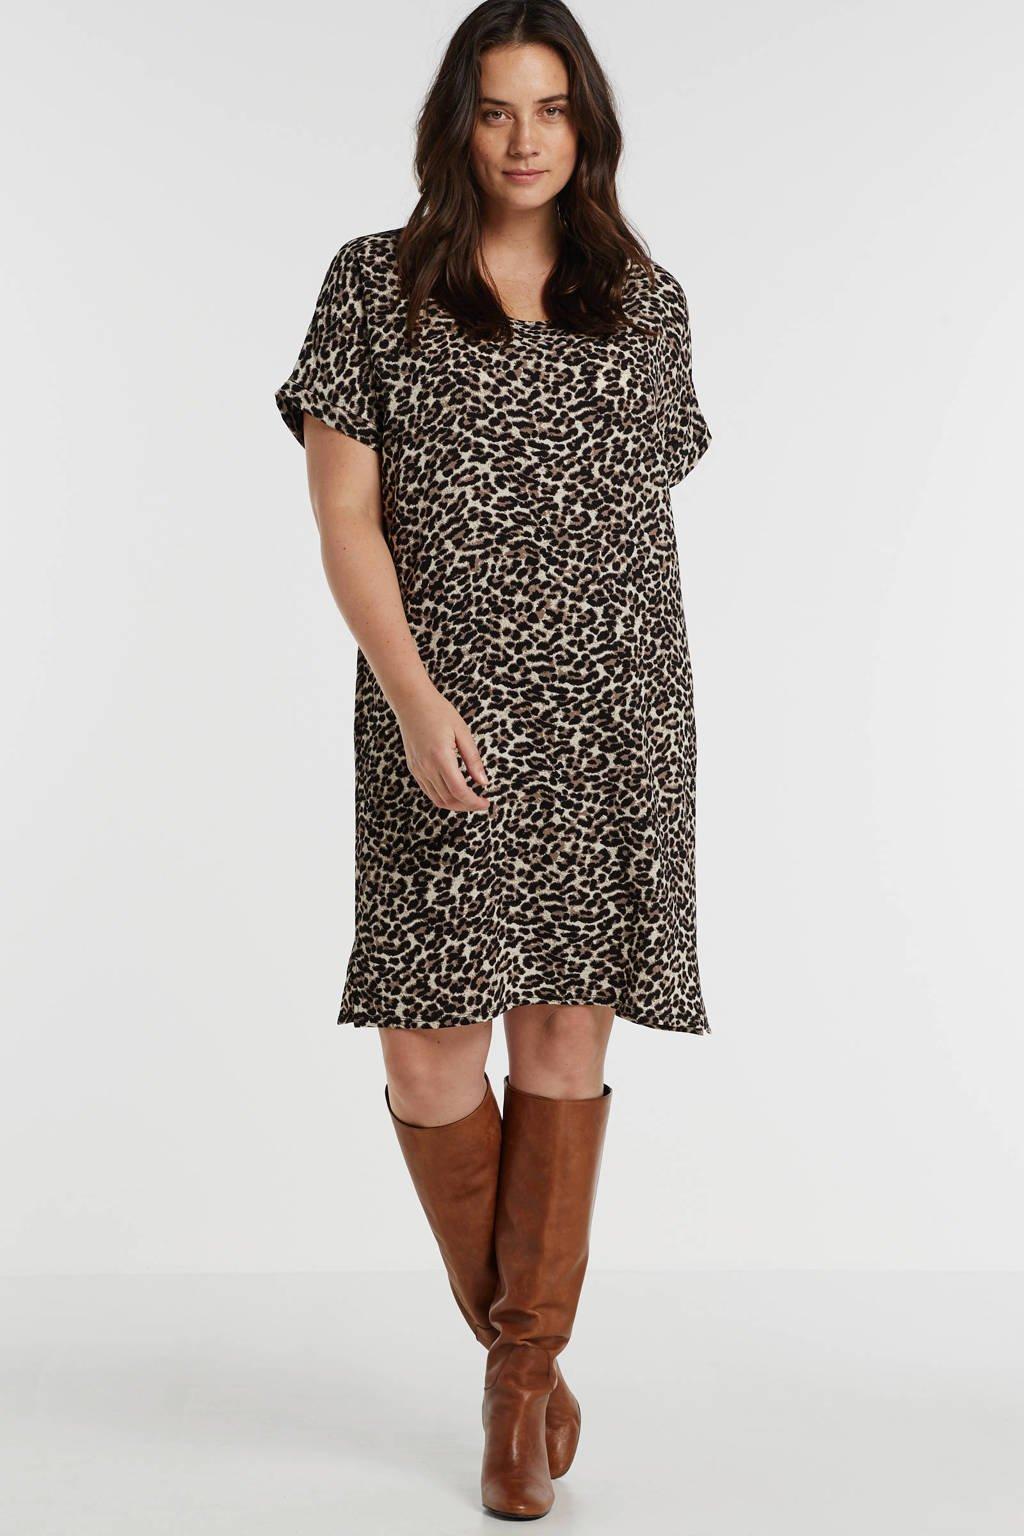 anytime gerecycled polyester jurk Plus size met panterprint taupe/ecru, Taupe/zwart/ecru